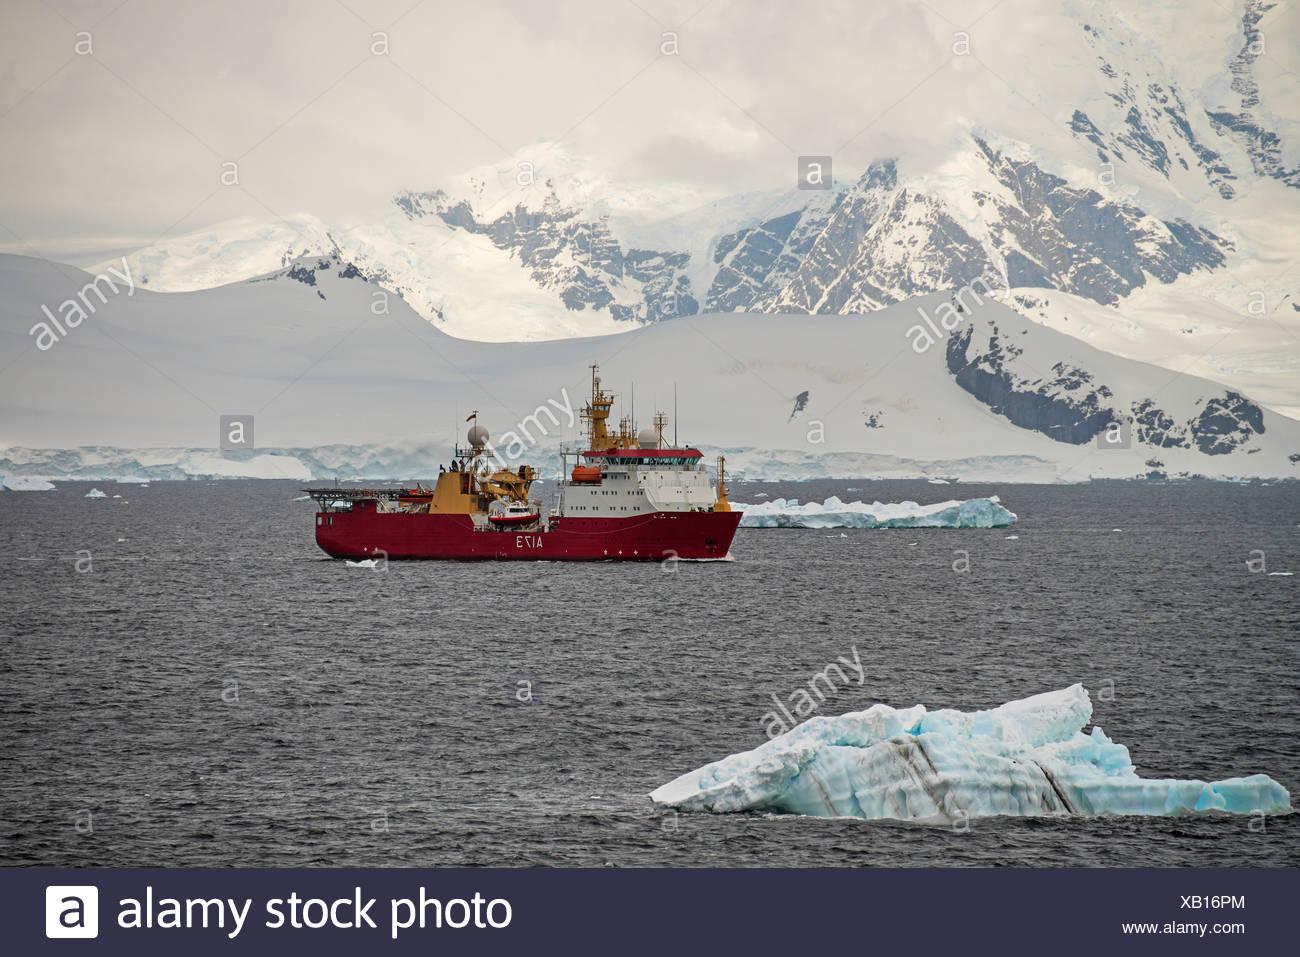 Eine wissenschaftliche Studie Forschungsschiff auf dem Wasser vor der Küste in der Antarktis. Stockbild